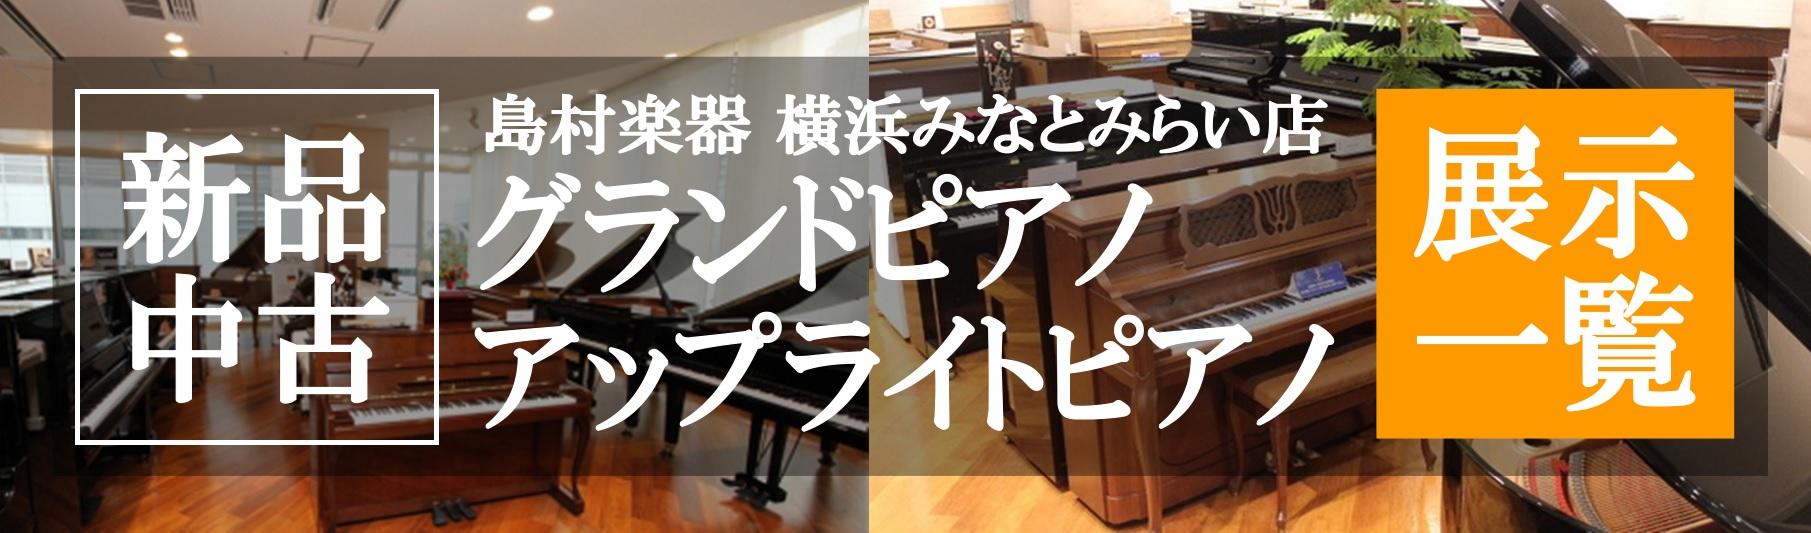 新品・中古ピアノみるなら島村楽器横浜みなとみらい店へ